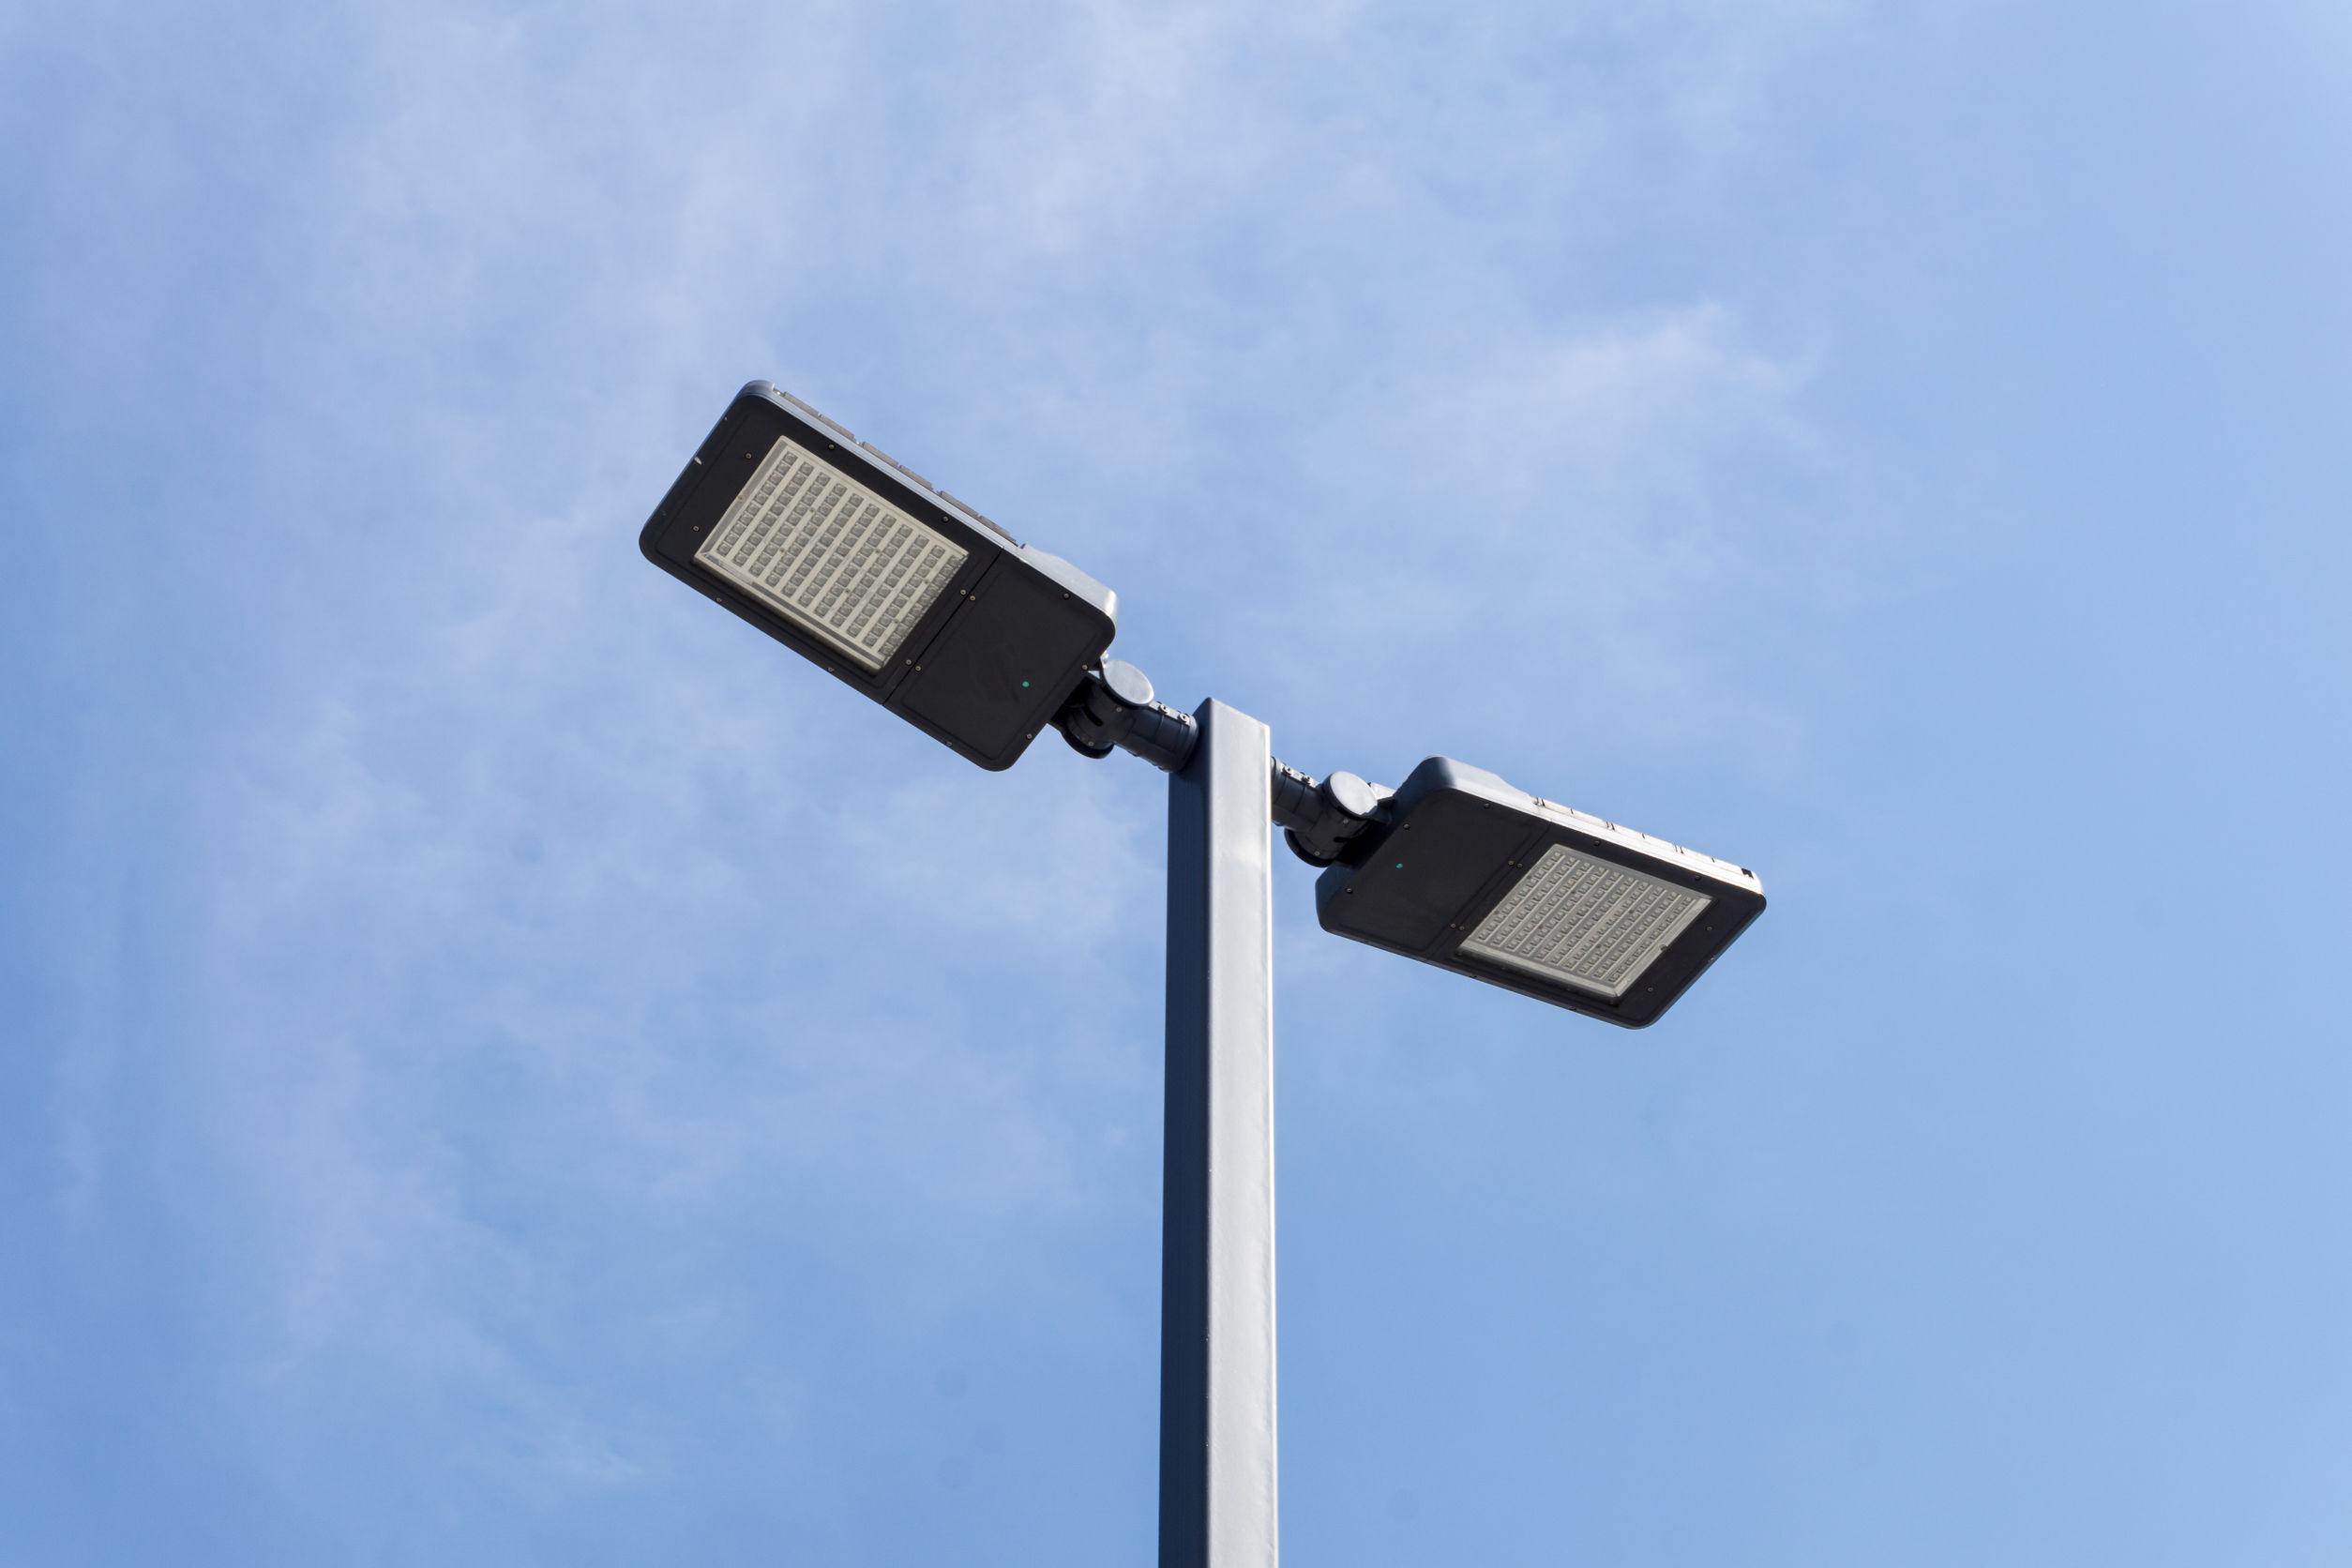 lamparas solares cuales son las mejores del 2021 sincable